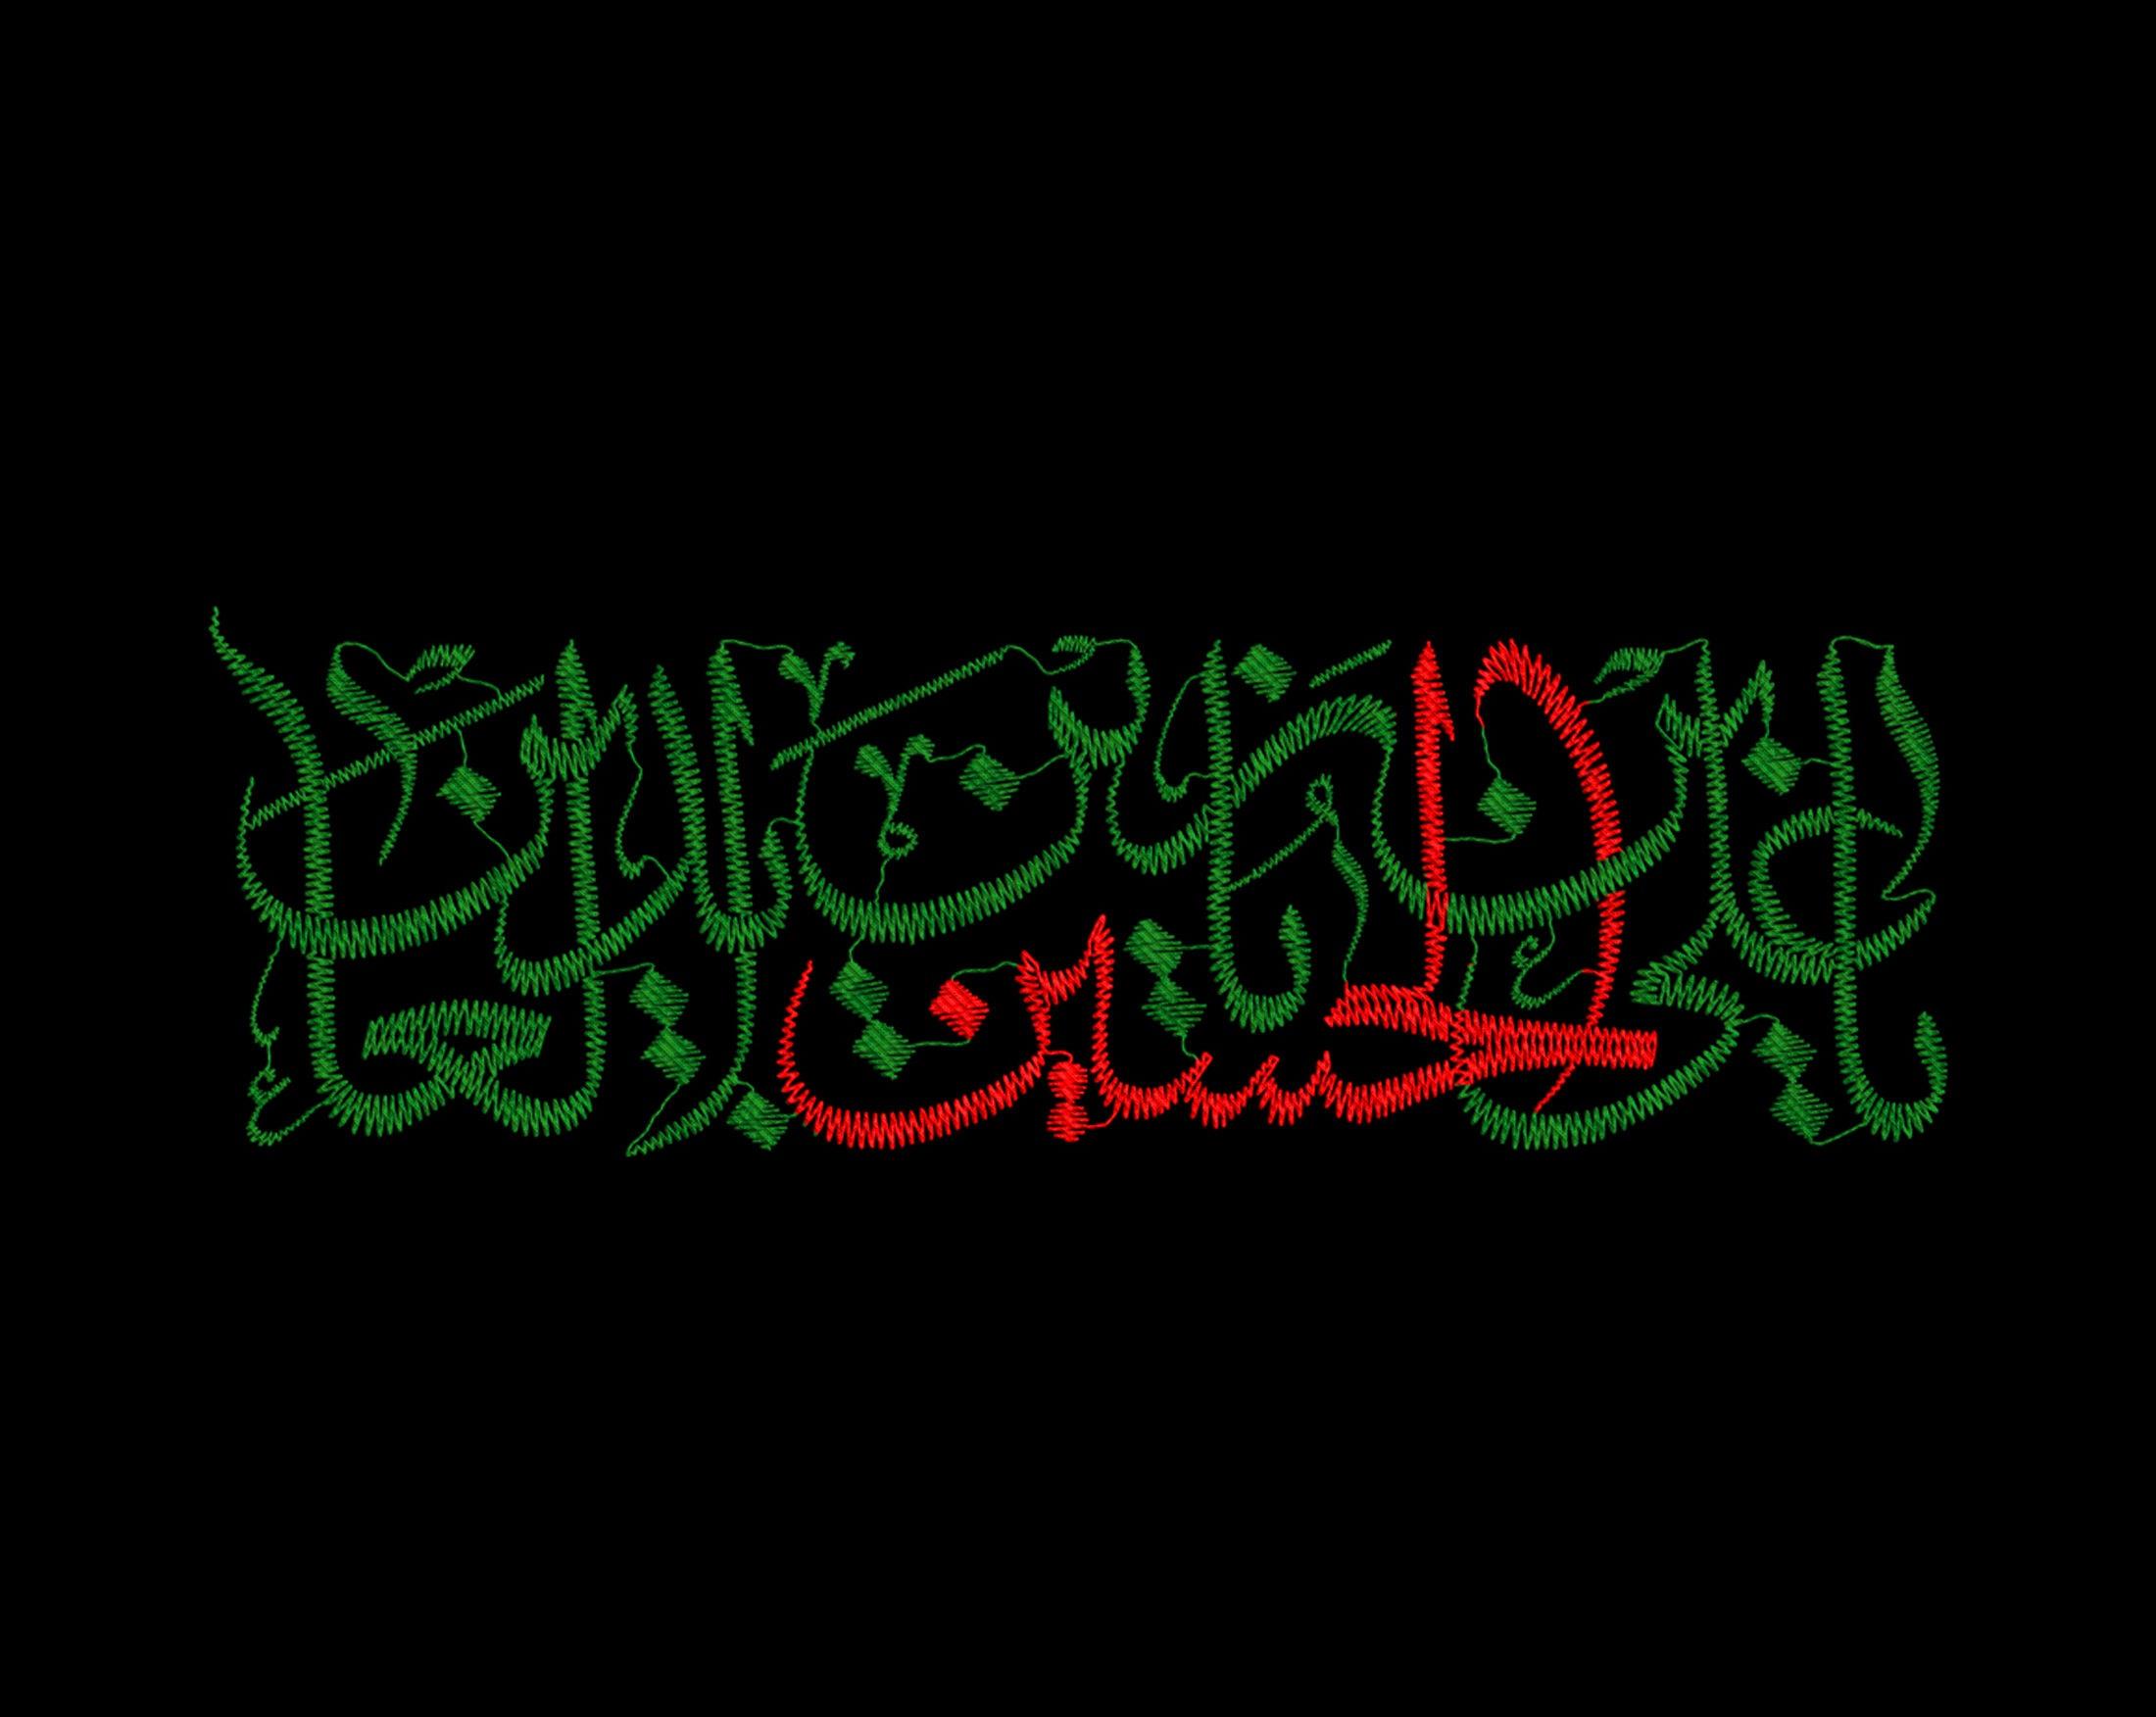 امام سجاد (ع) احیا کننده قیام عاشورا بود/ آیا رهبری قیام مختار به دست حضرت زین العابدین (ع) بود؟